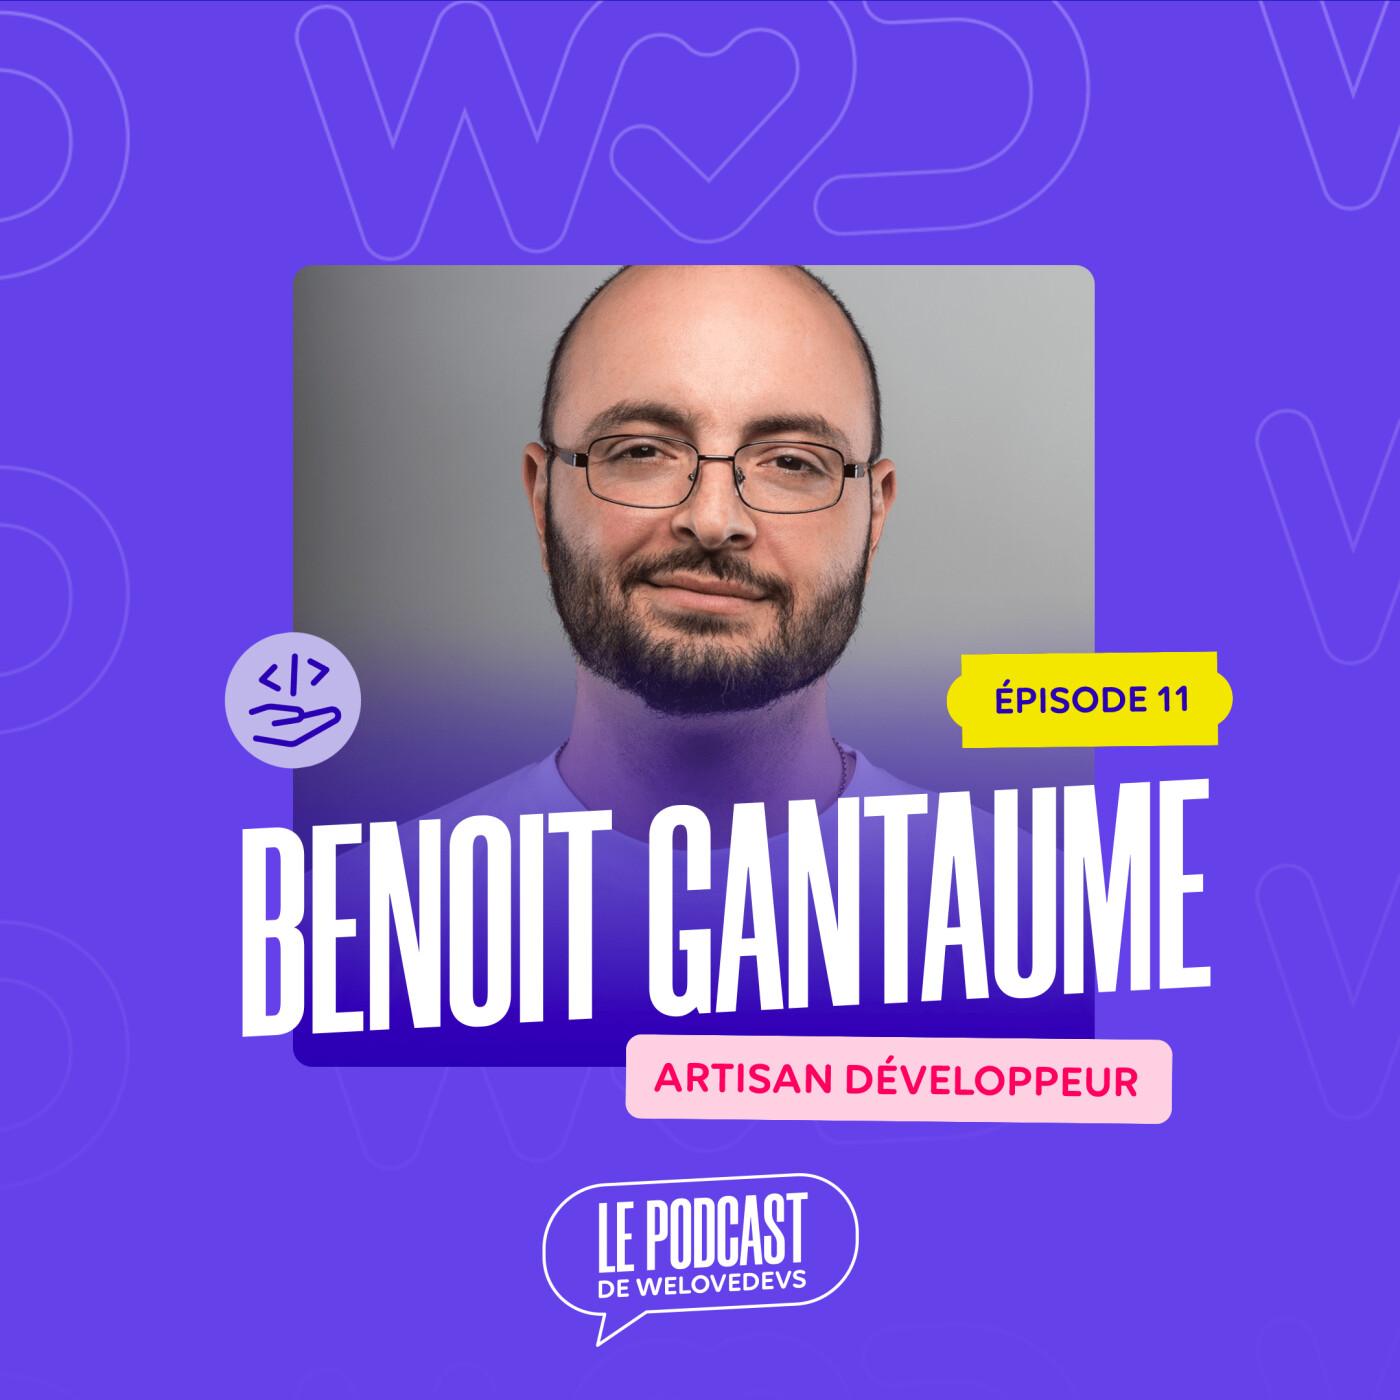 #11 - Benoit Gantaume - Artisan Développeur - L'excellence est un chemin